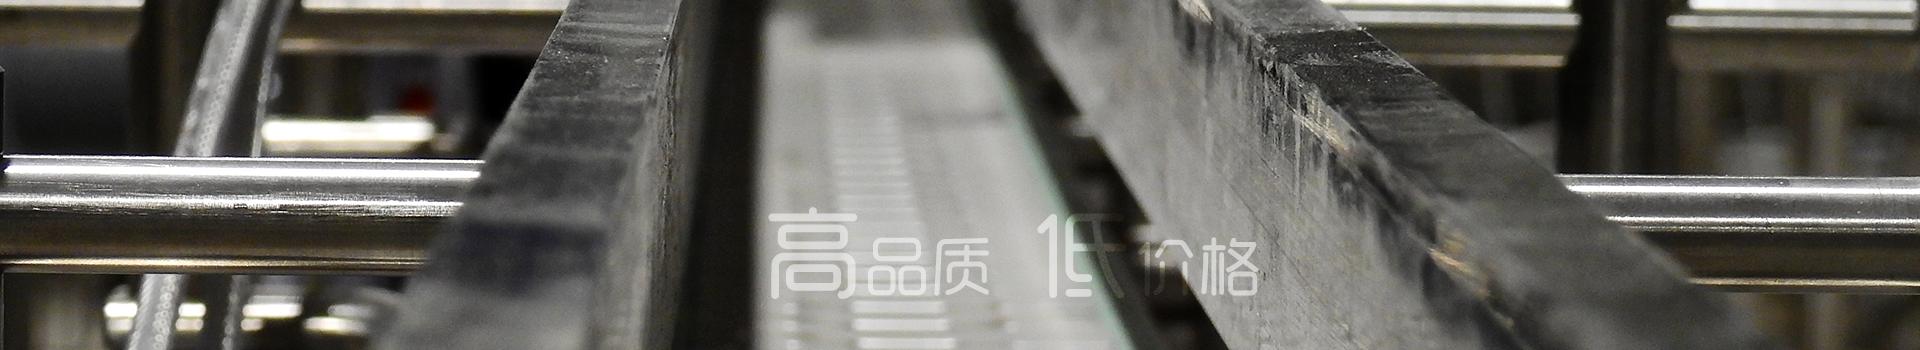 7763.com永利皇宫